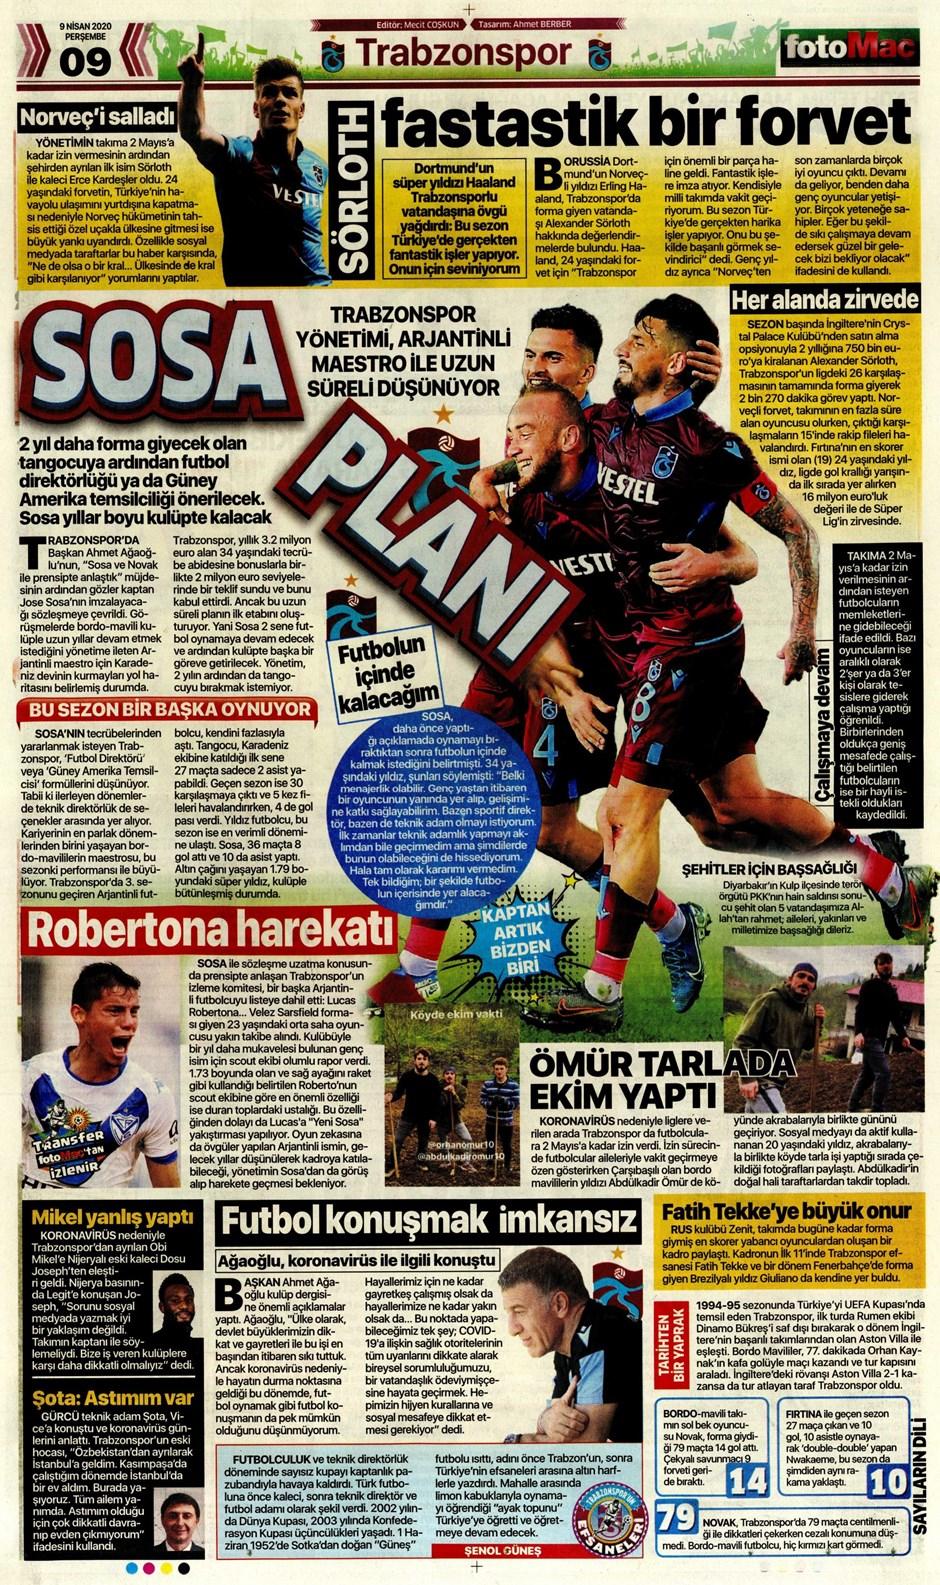 İşte 9 Nisan günün spor manşetleri! Haftanın önemli spor gelişmeleri 1